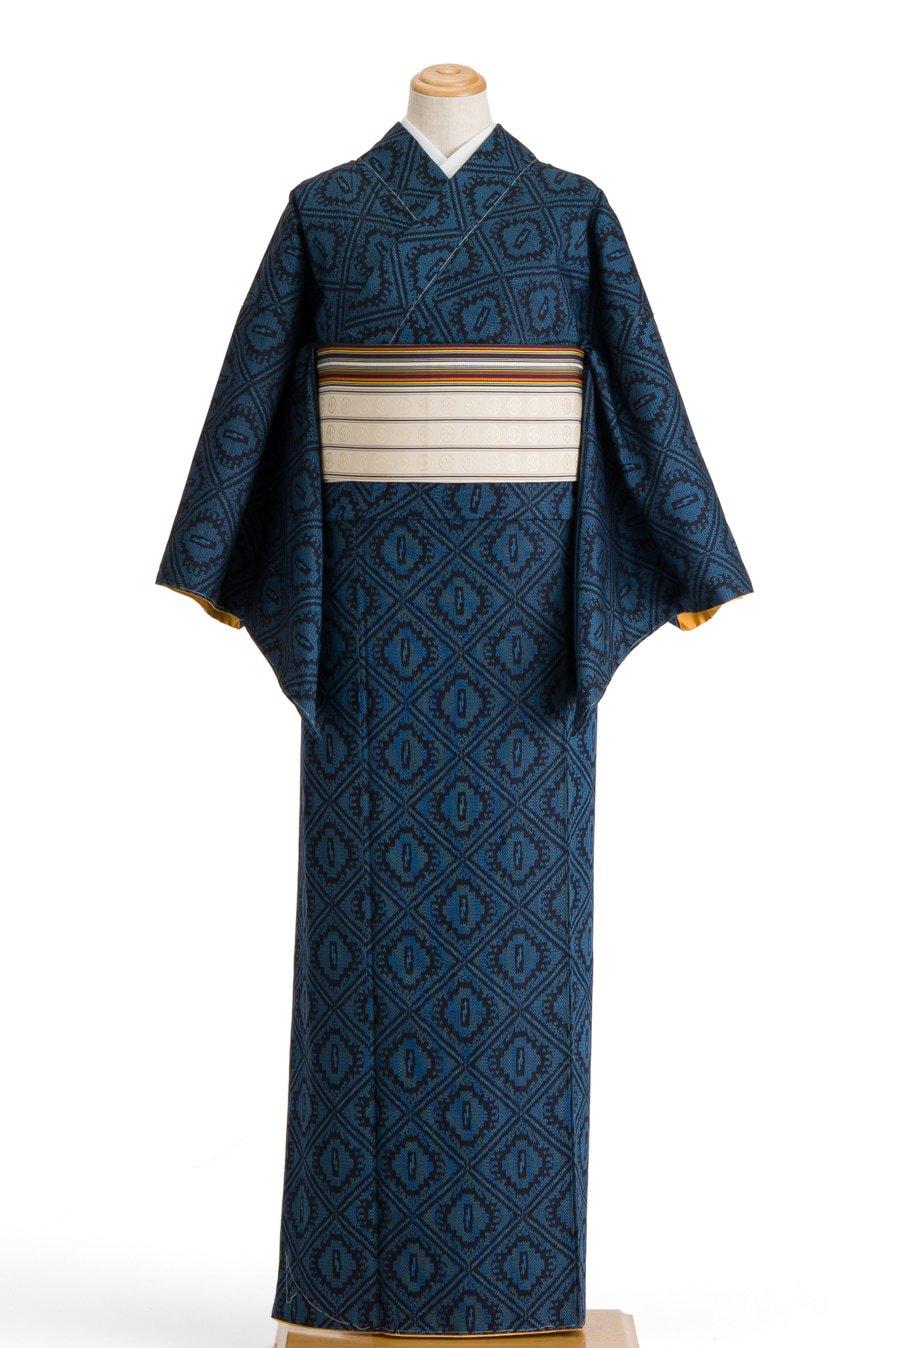 「紬 菱に鞘」の商品画像